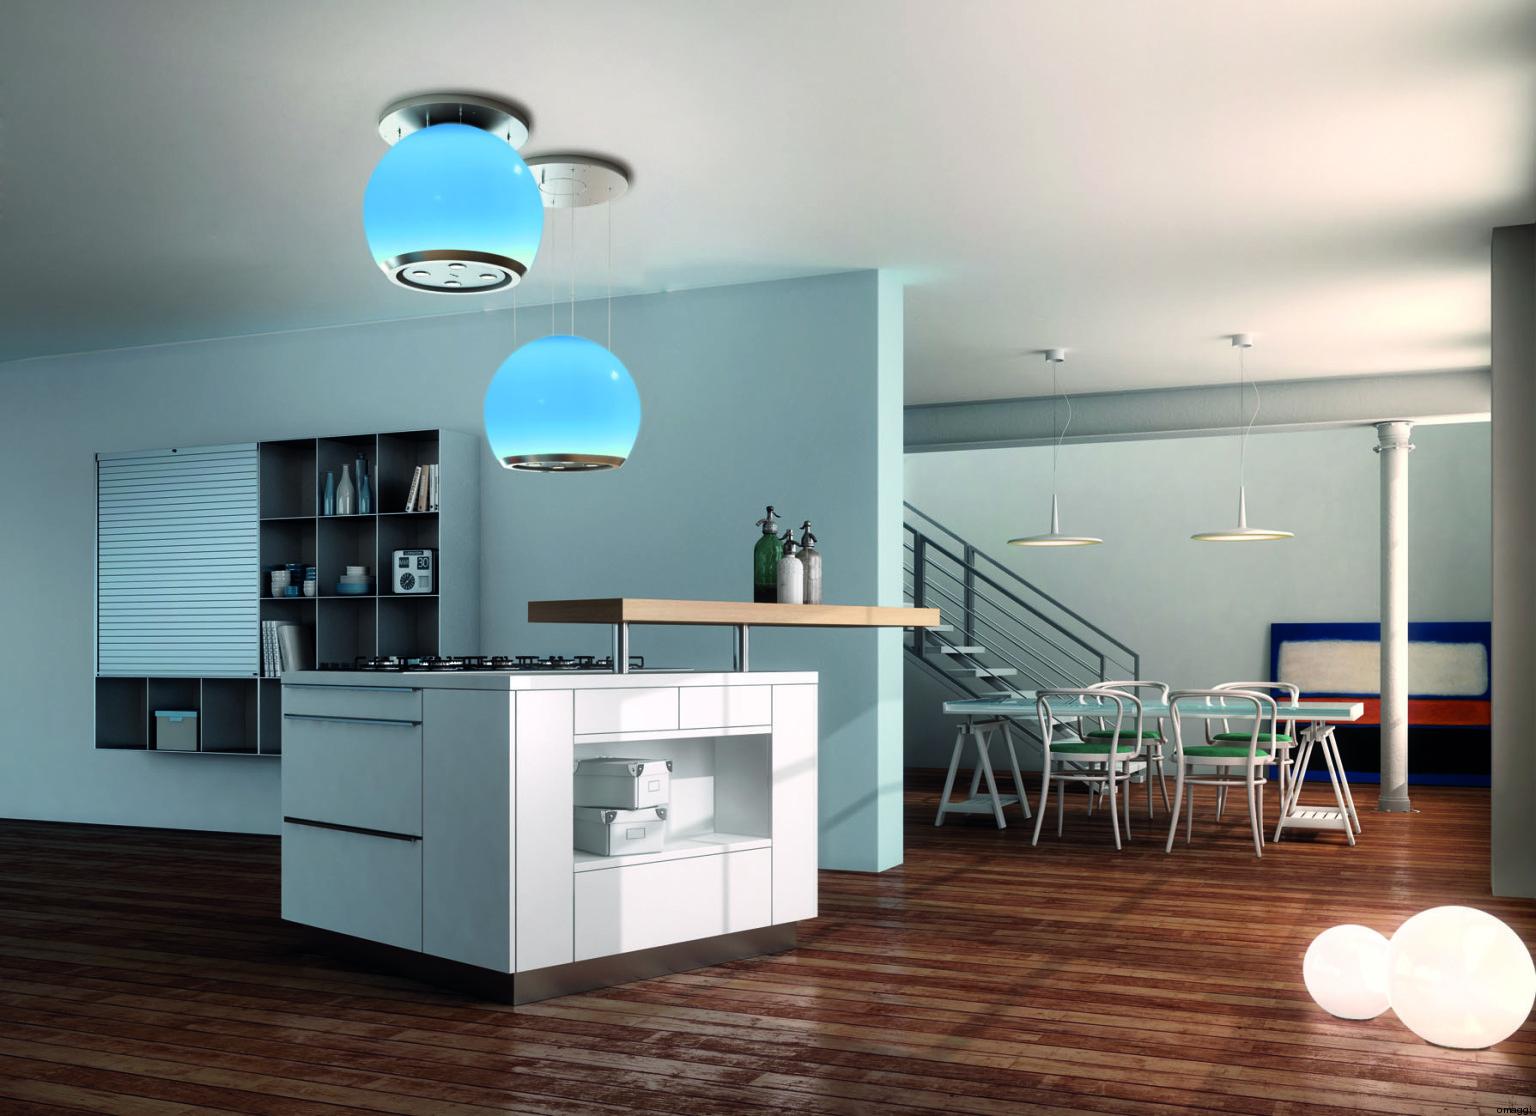 Salone del mobile le cappe da cucina faber silenziose colorate funzionali eleganti foto - Cappe cucina faber ...